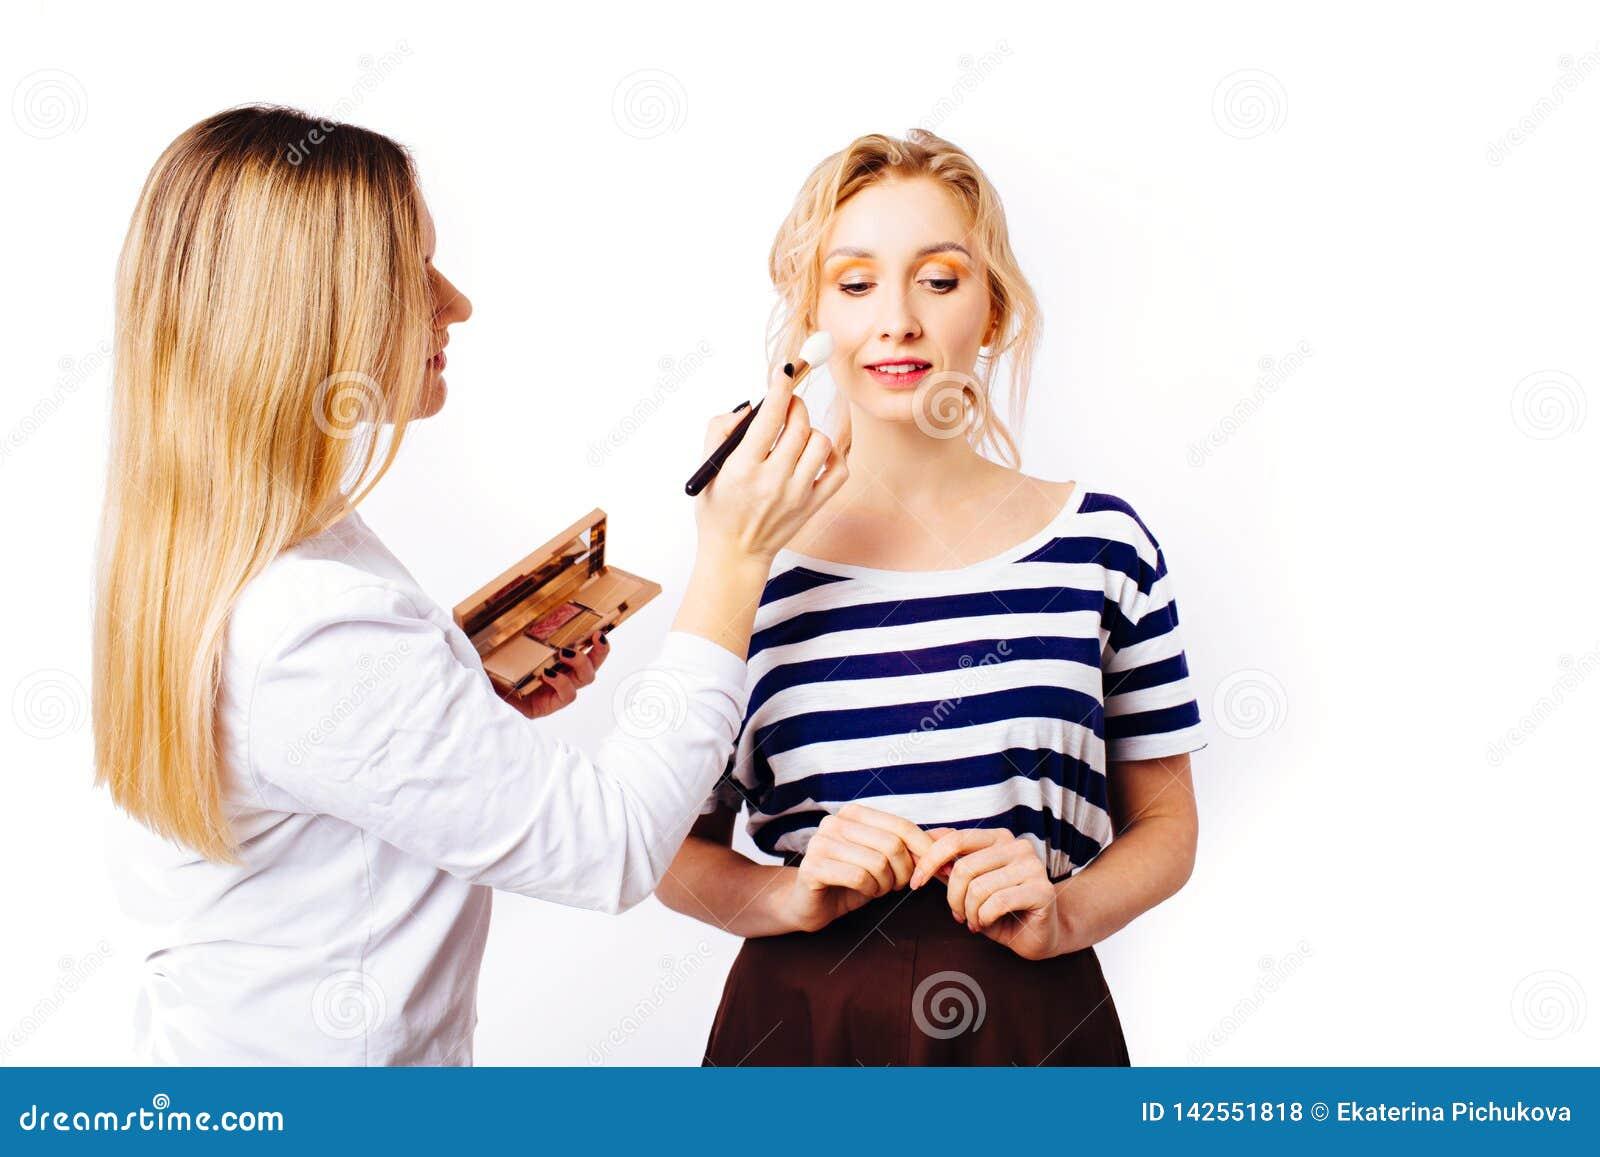 The process of creating makeup